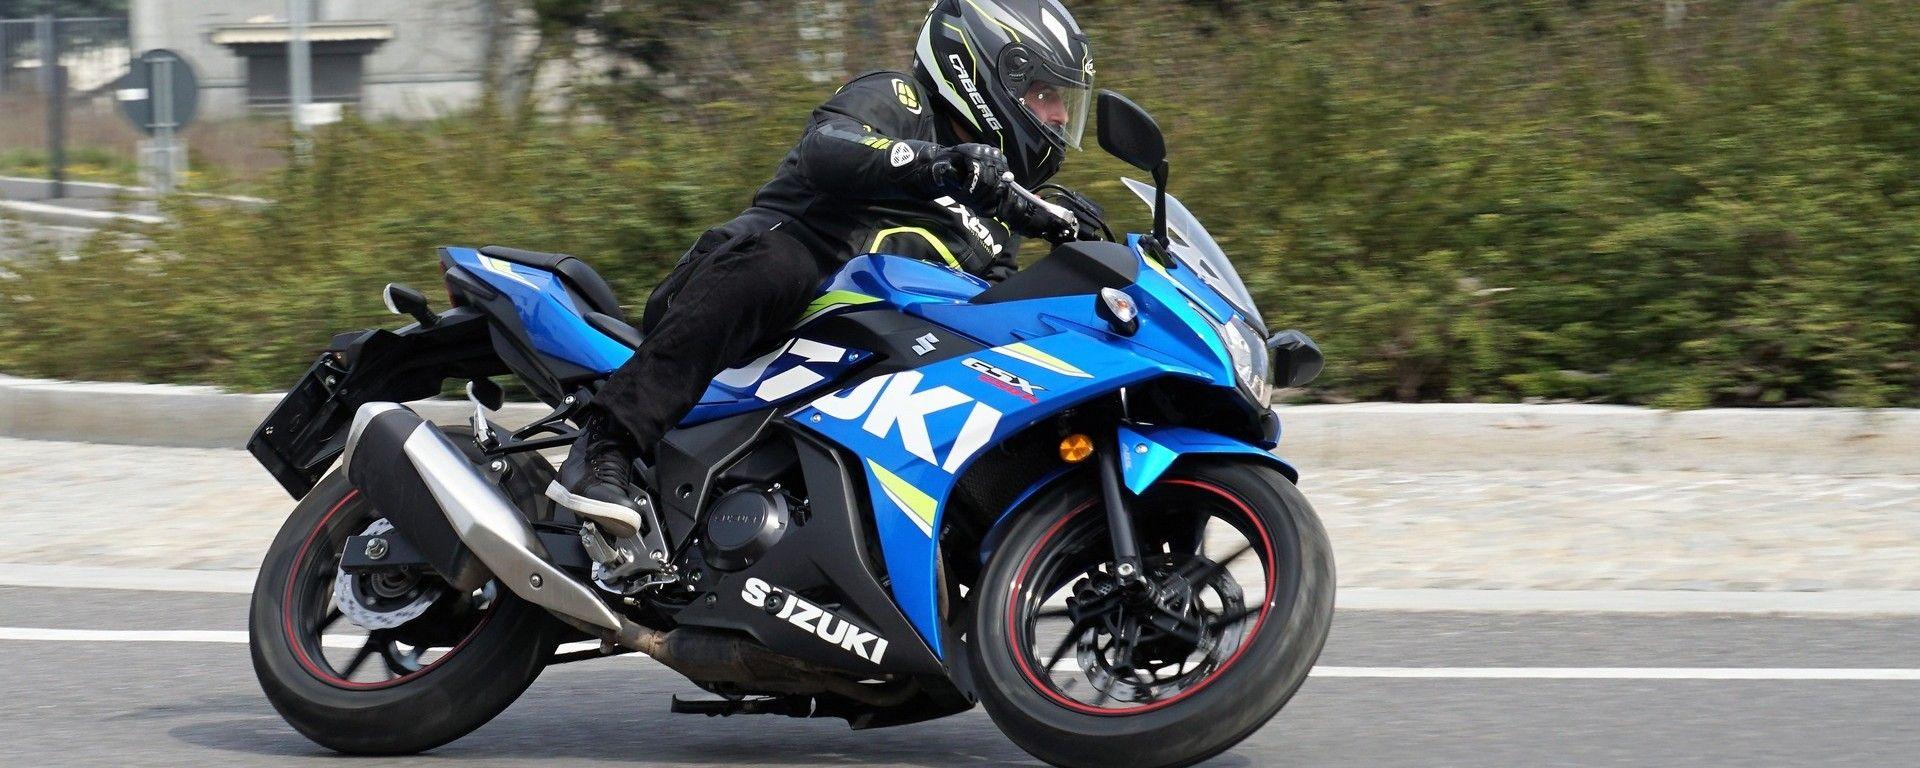 Suzuki GSX250R: buono il grip delle gomme di serie